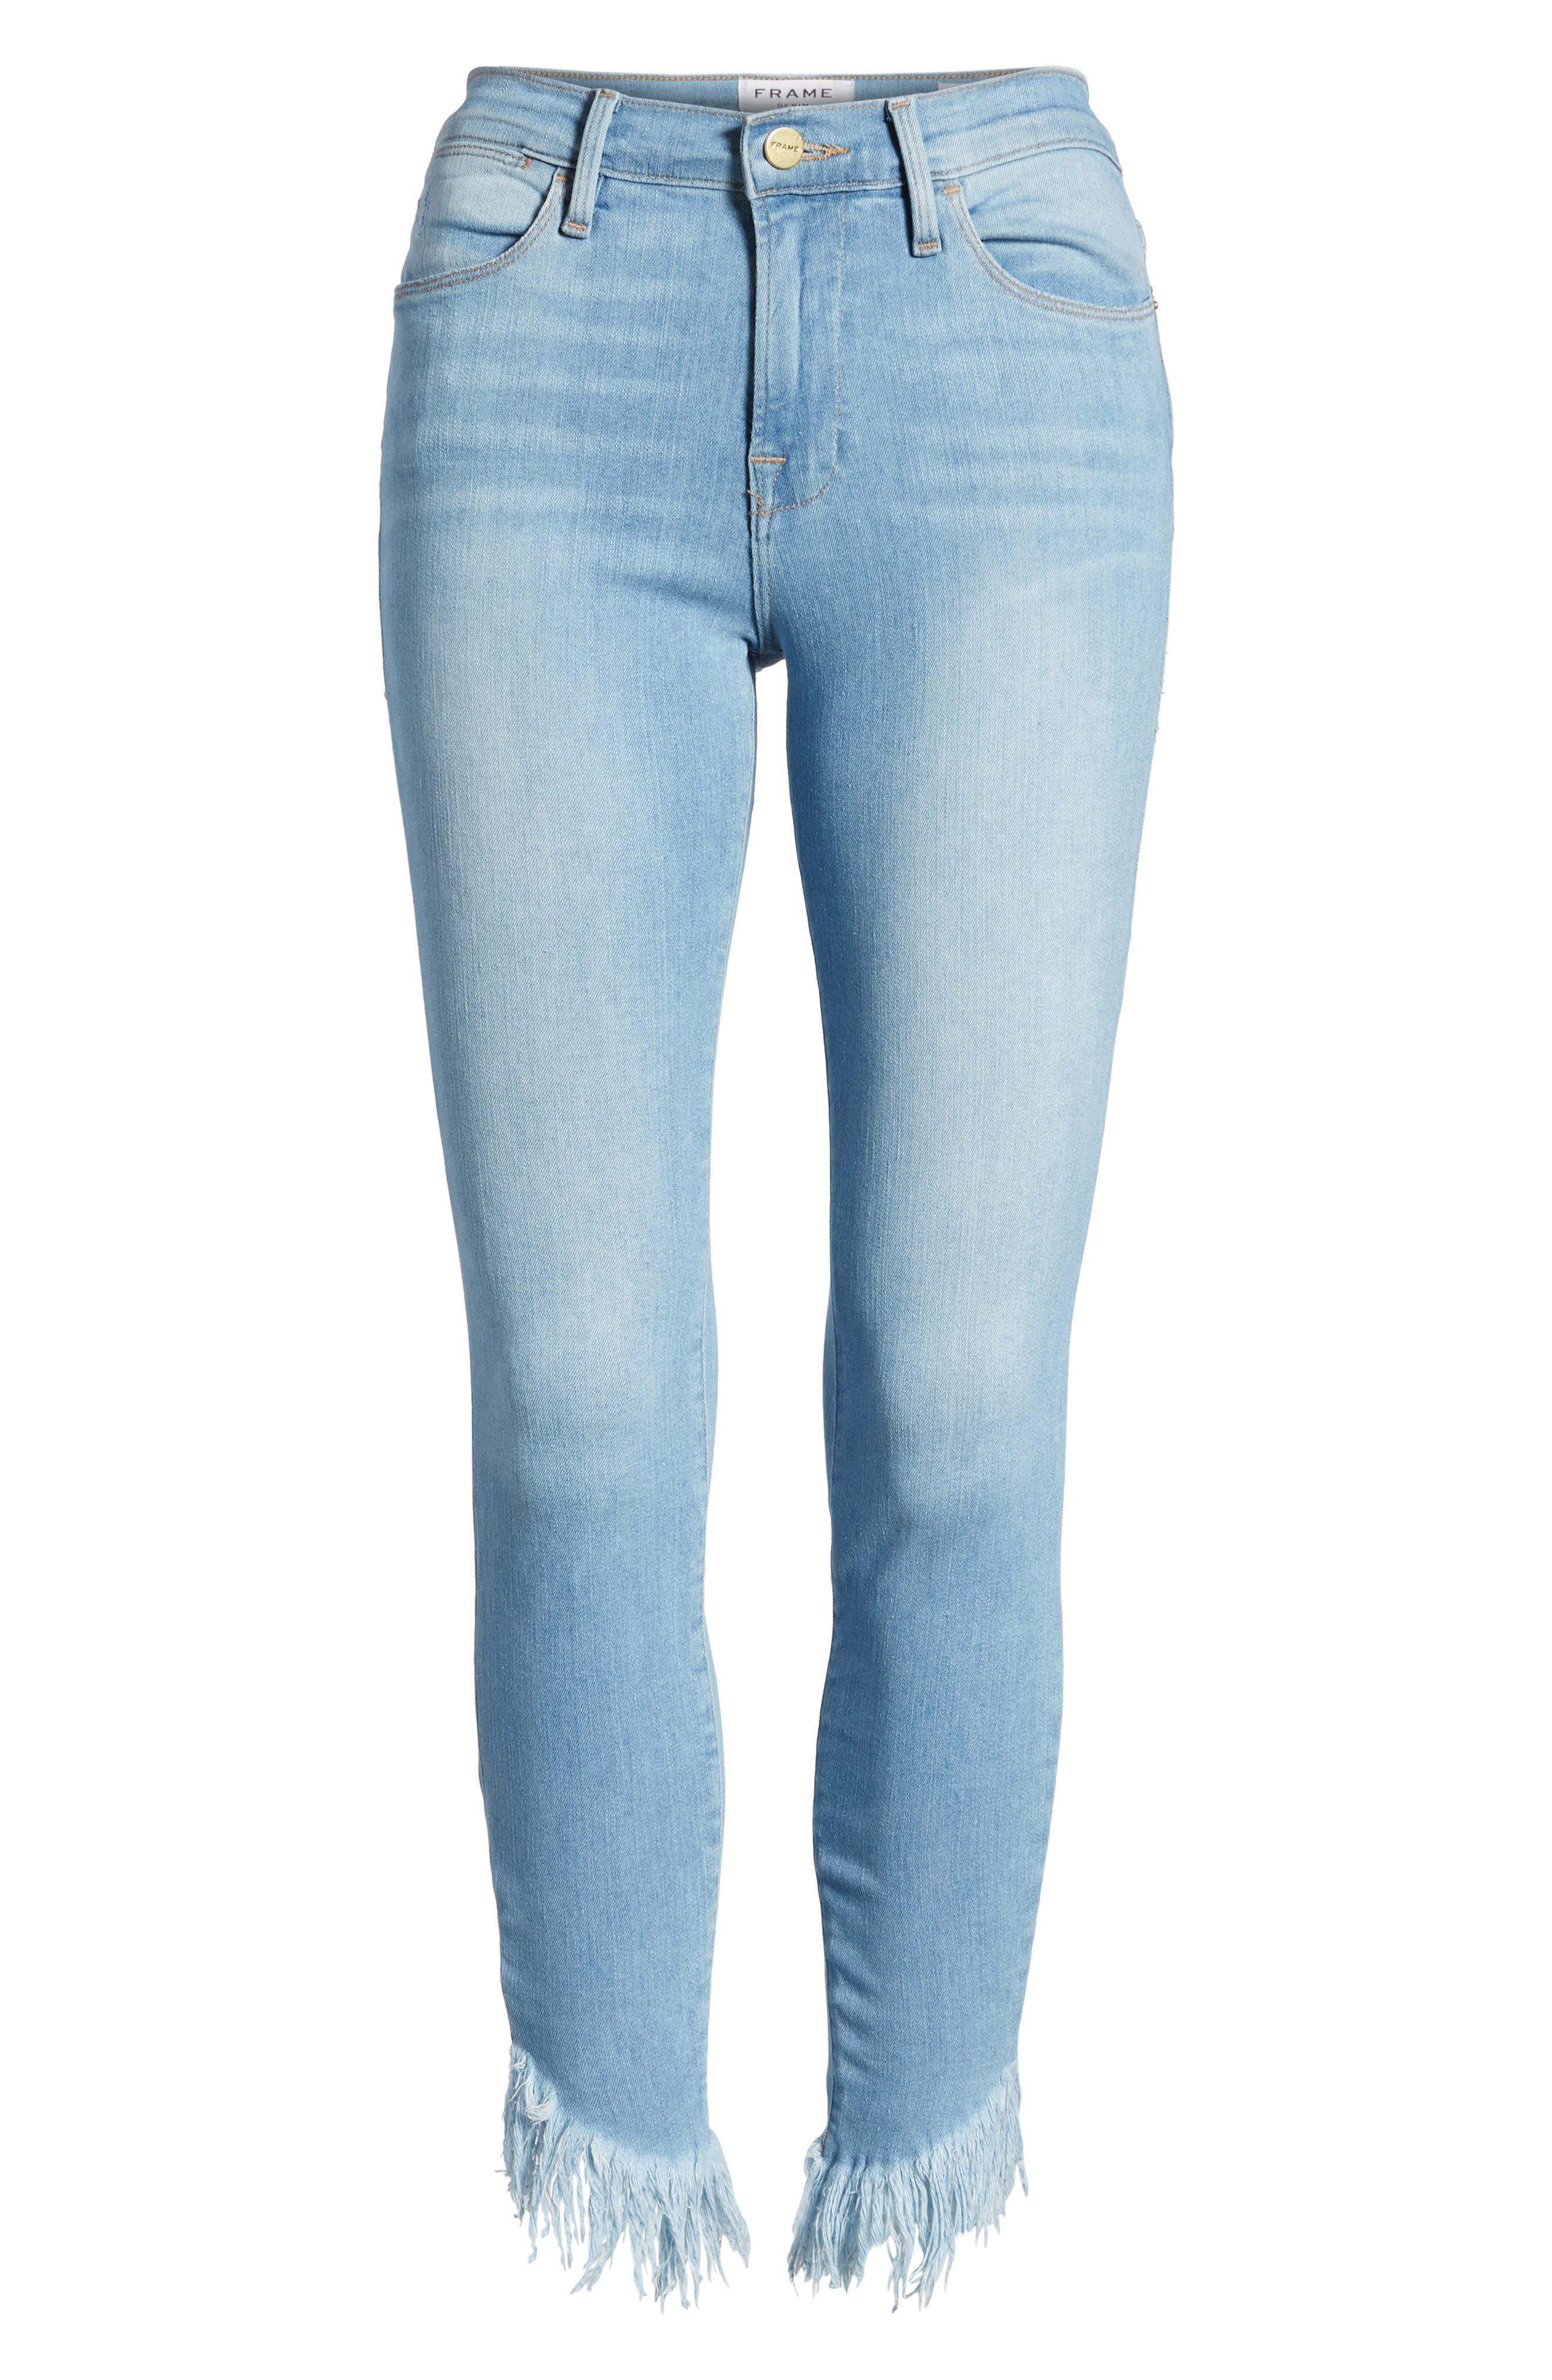 Le High Shredded Hem Skinny Jeans,                             Alternate thumbnail 7, color,                             420